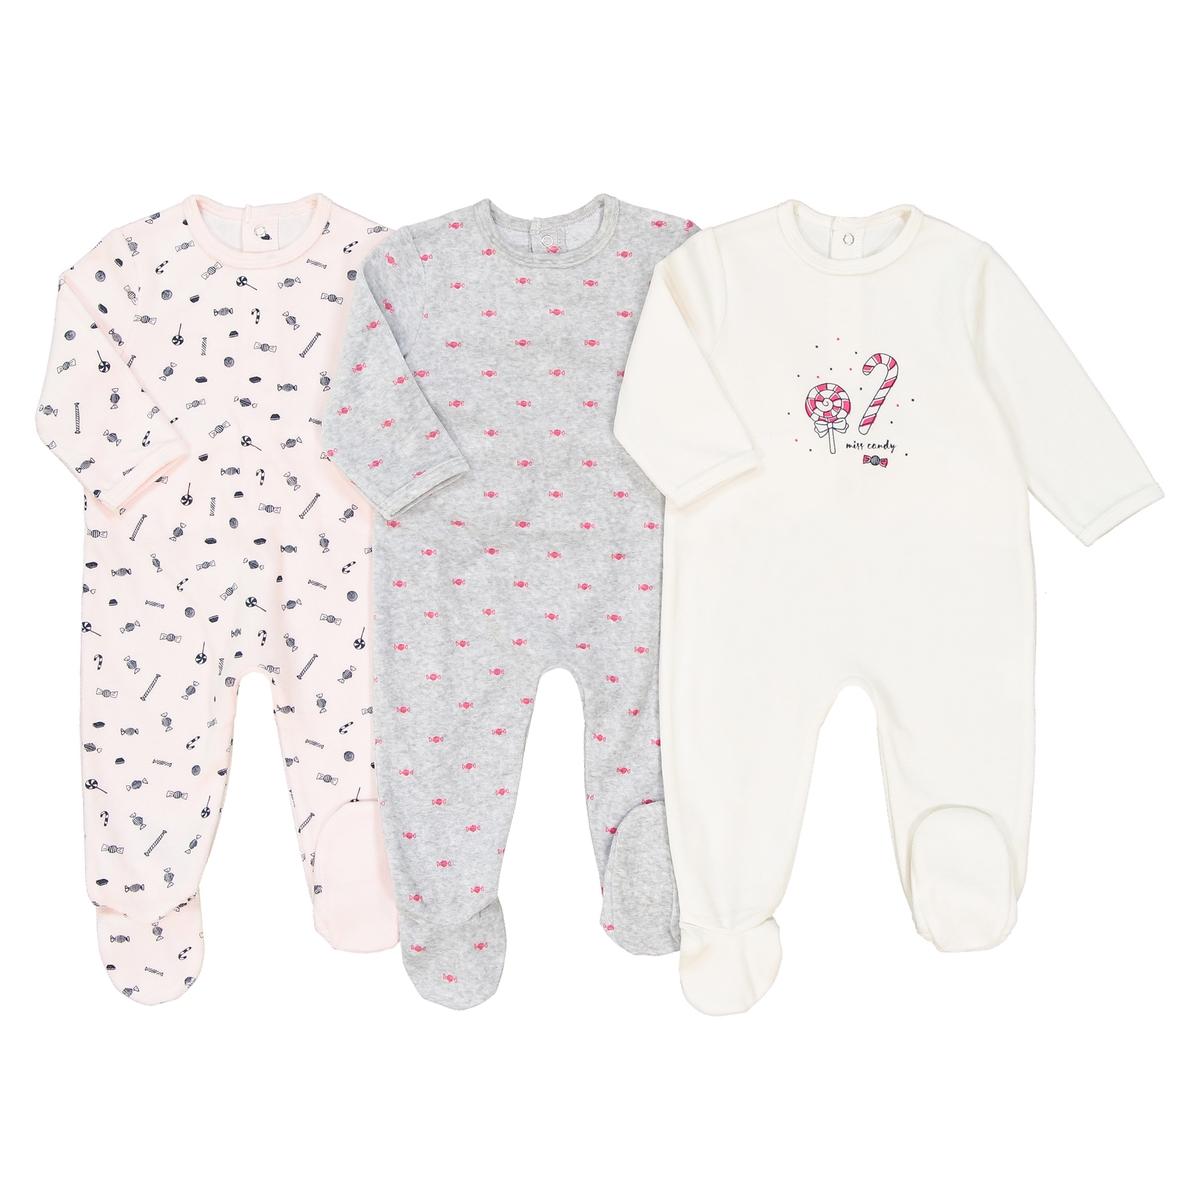 3 пижамы из велюра 0 мес - 3 года пижамы и ночные сорочки bambinizon пижама комбинезон на кнопках сафари